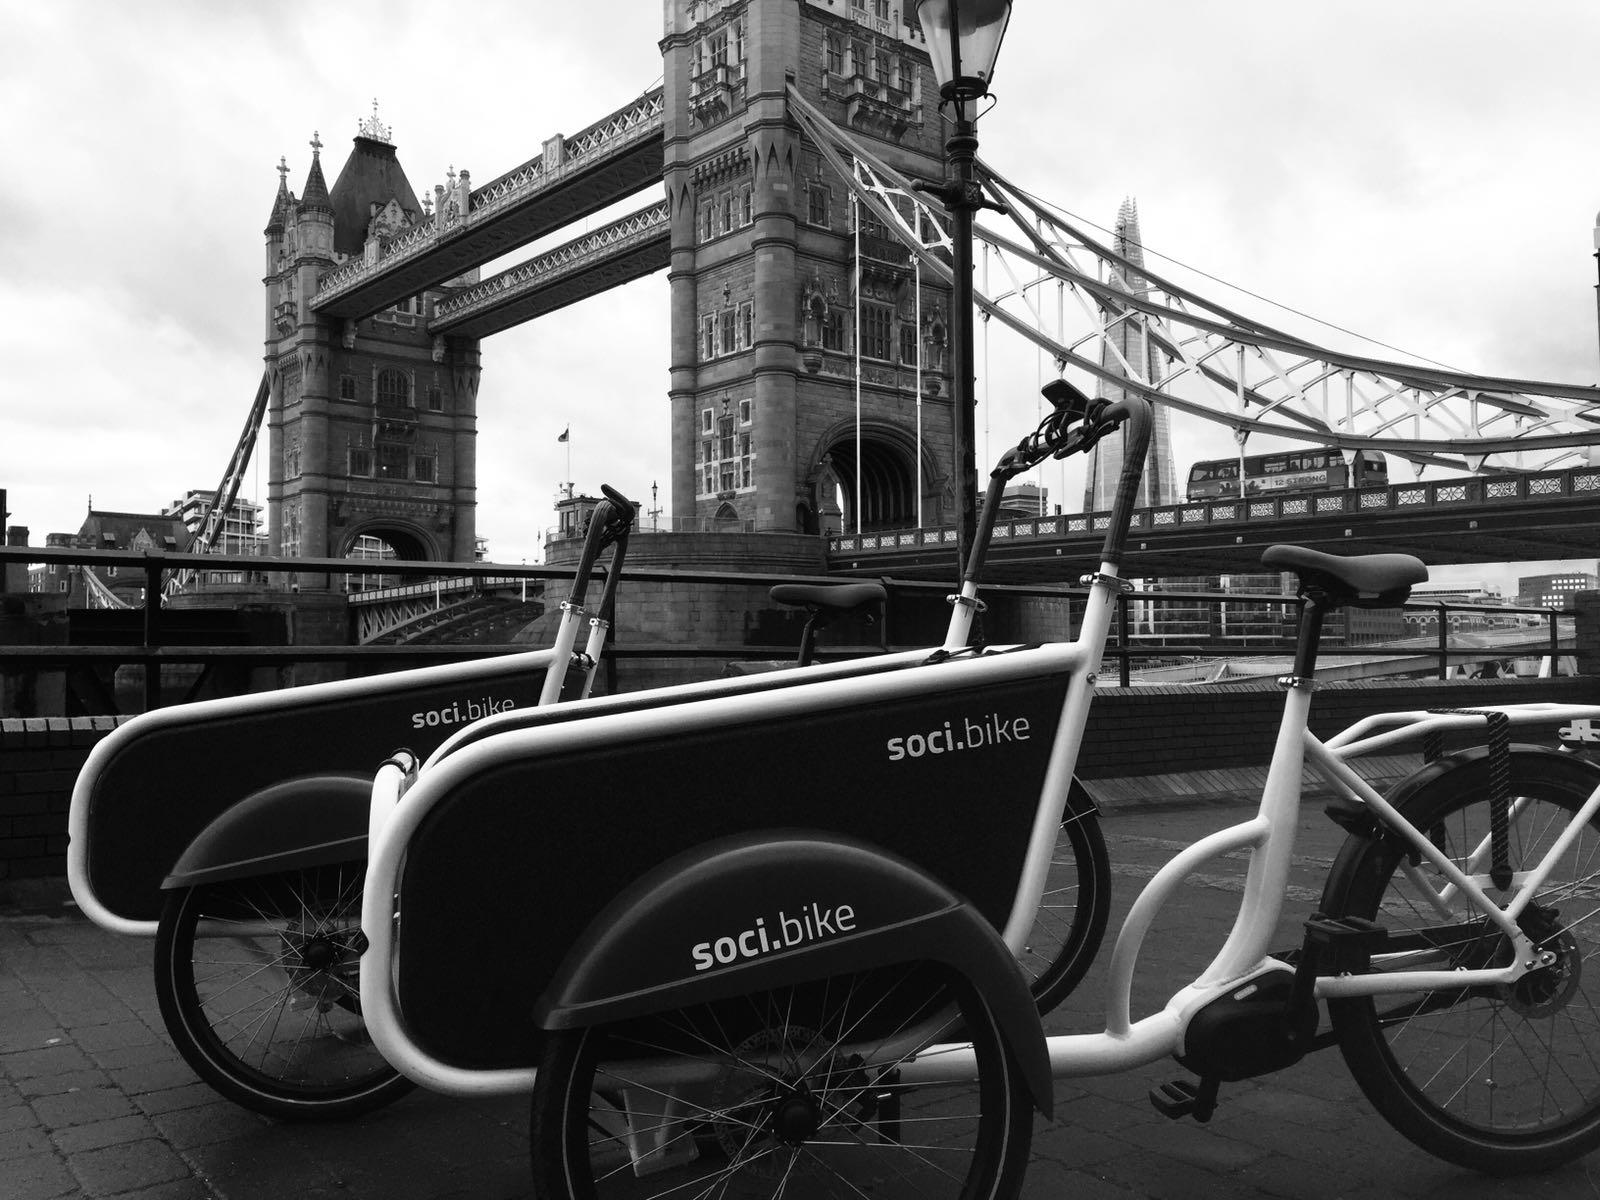 soci.bike in Londen